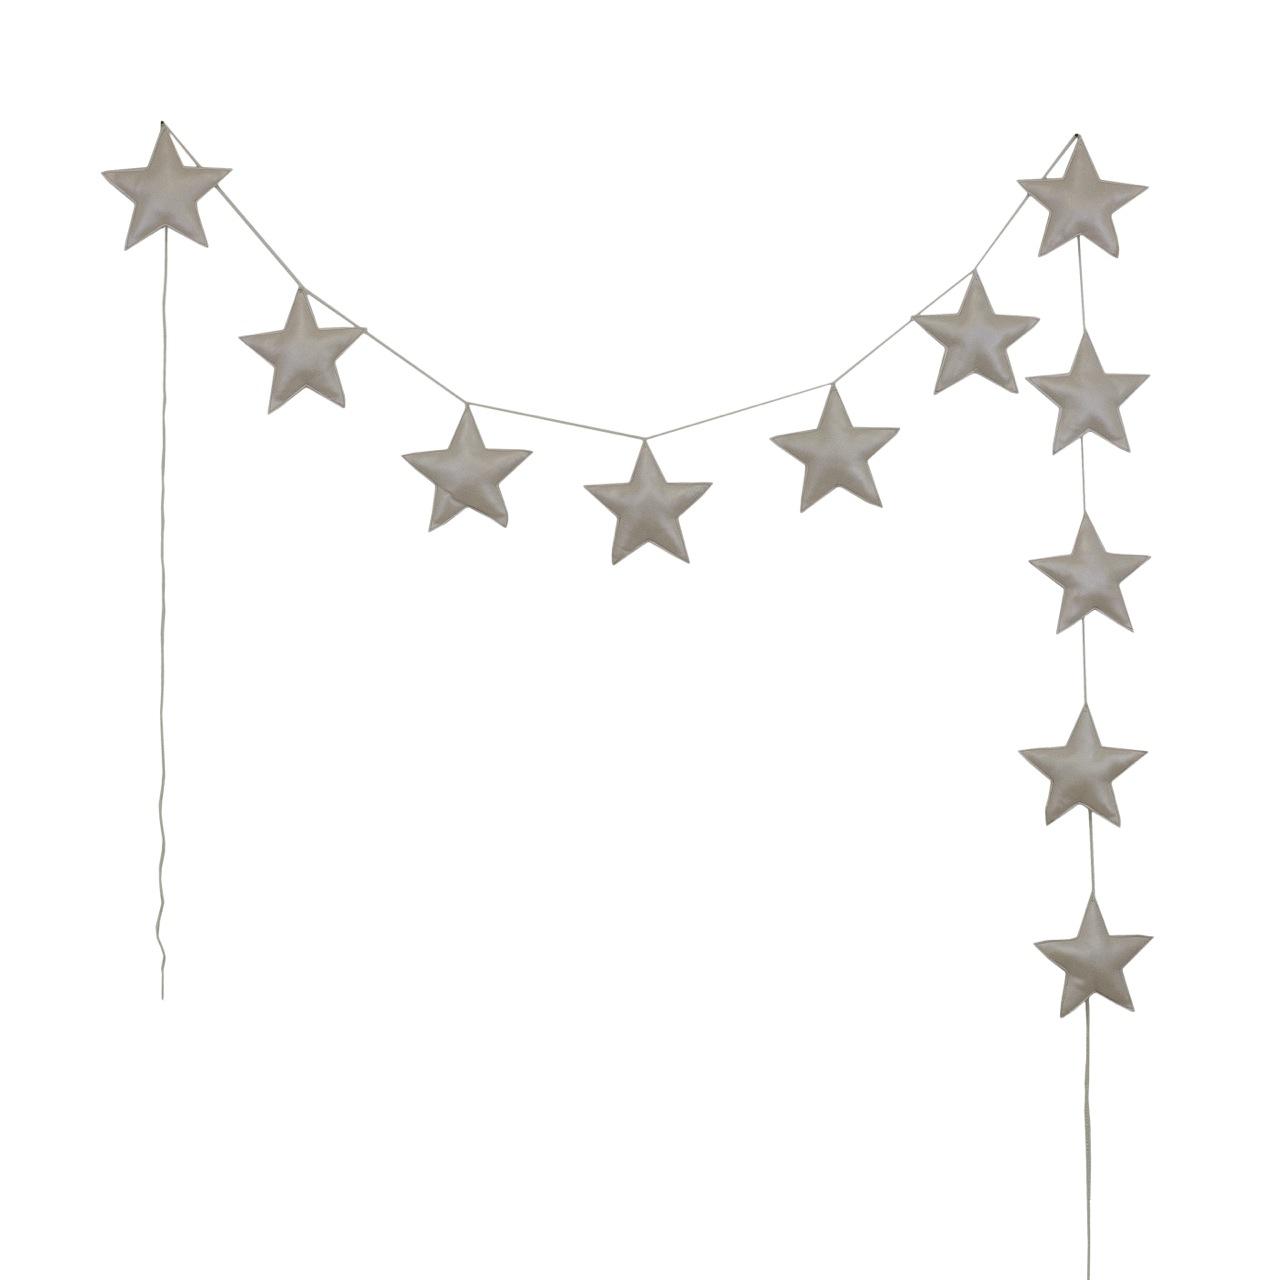 Numero 74 Padded Star Garland Iridescent Cream